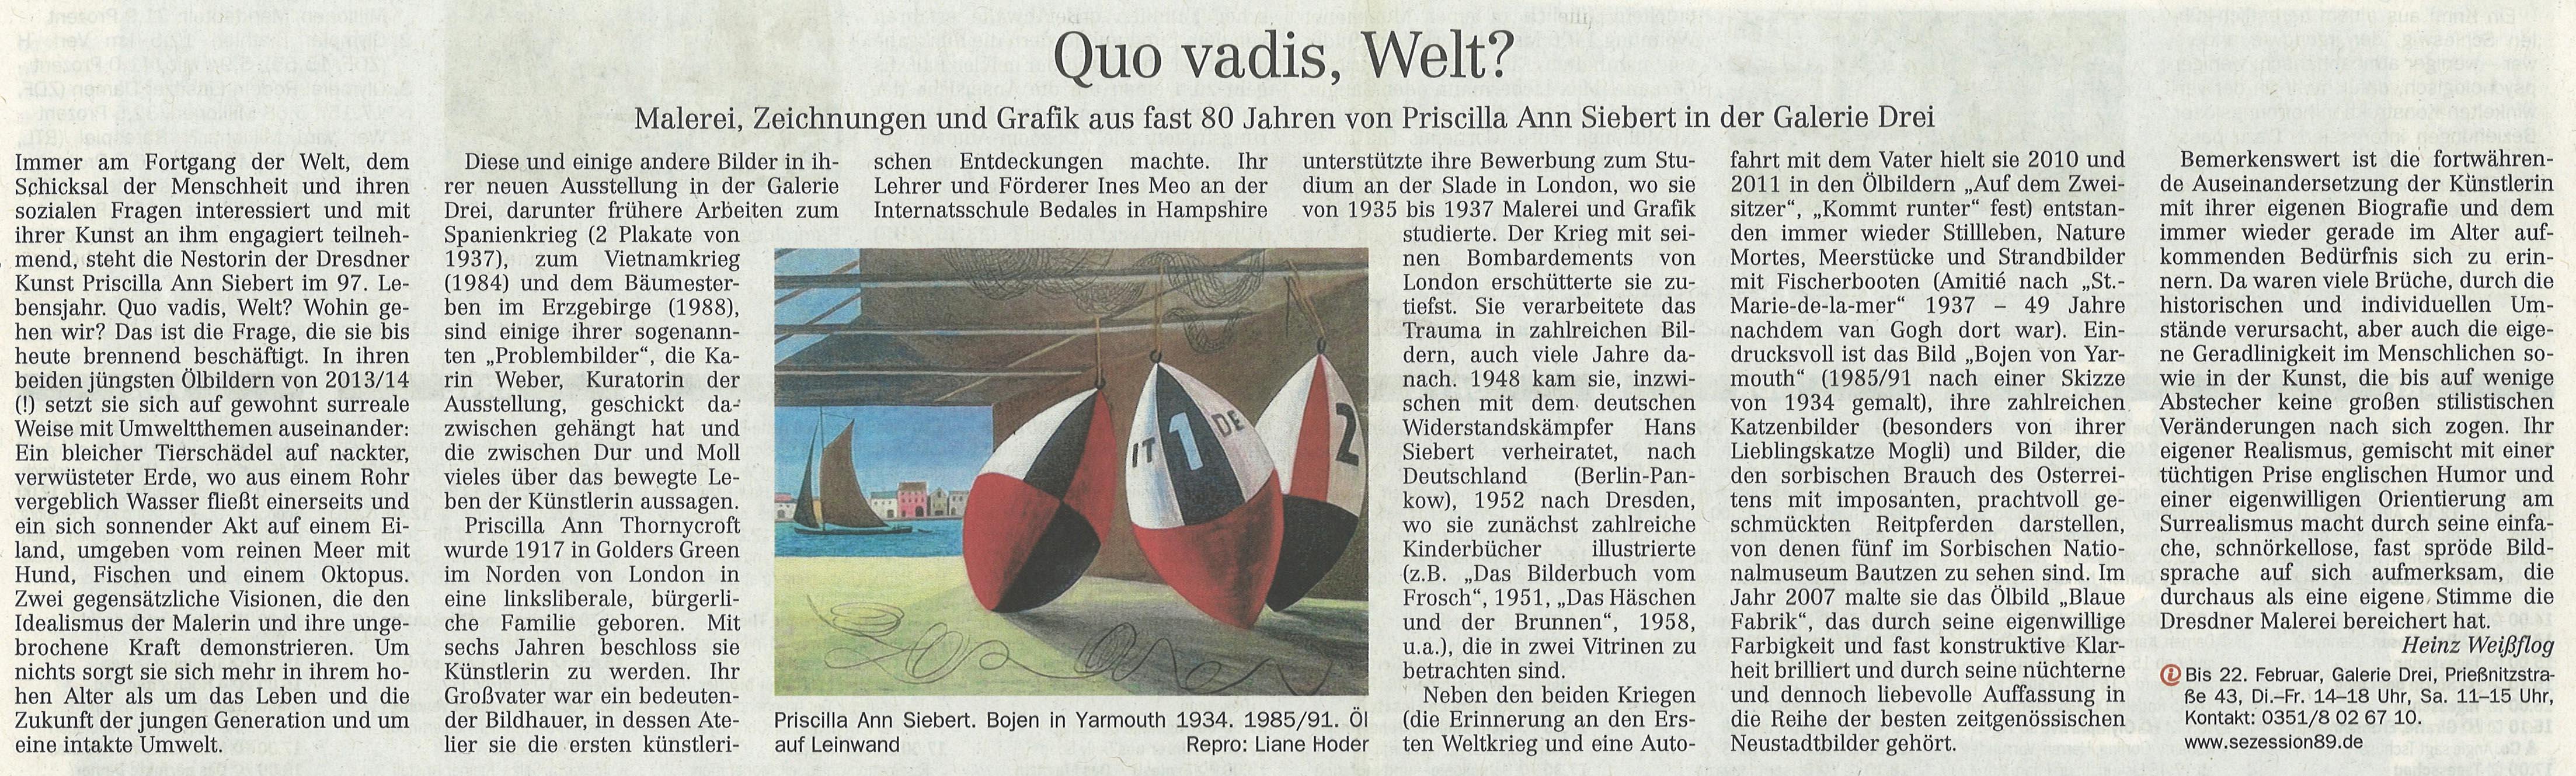 DNN 12.02.2014 Ann Siebert von Heinz Weißflog